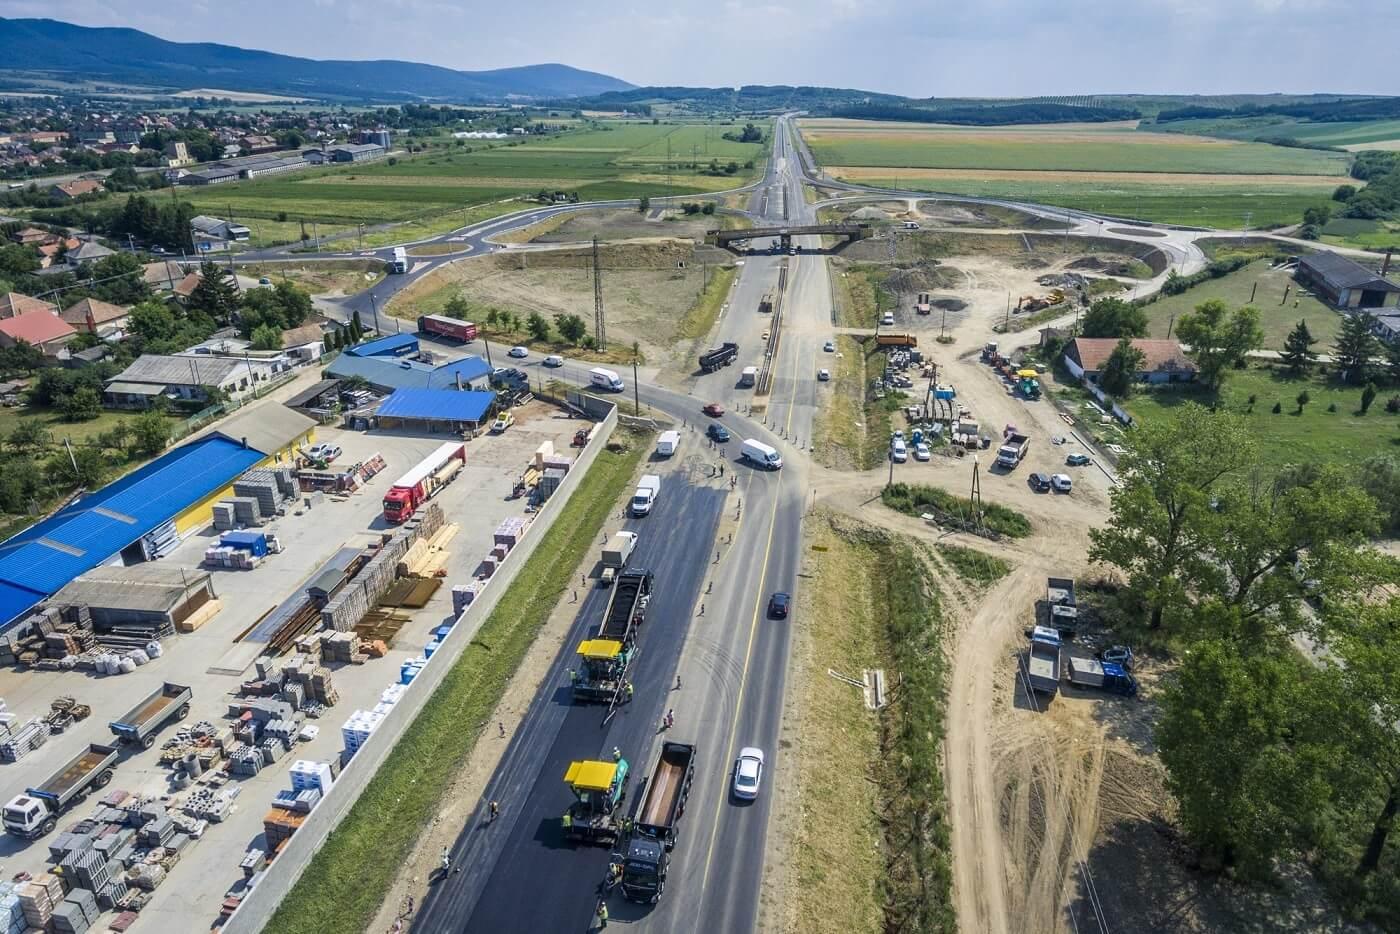 A HE-DO nyolc hónappal hamarabb elkészül a 21-es főút harmadik szakaszával